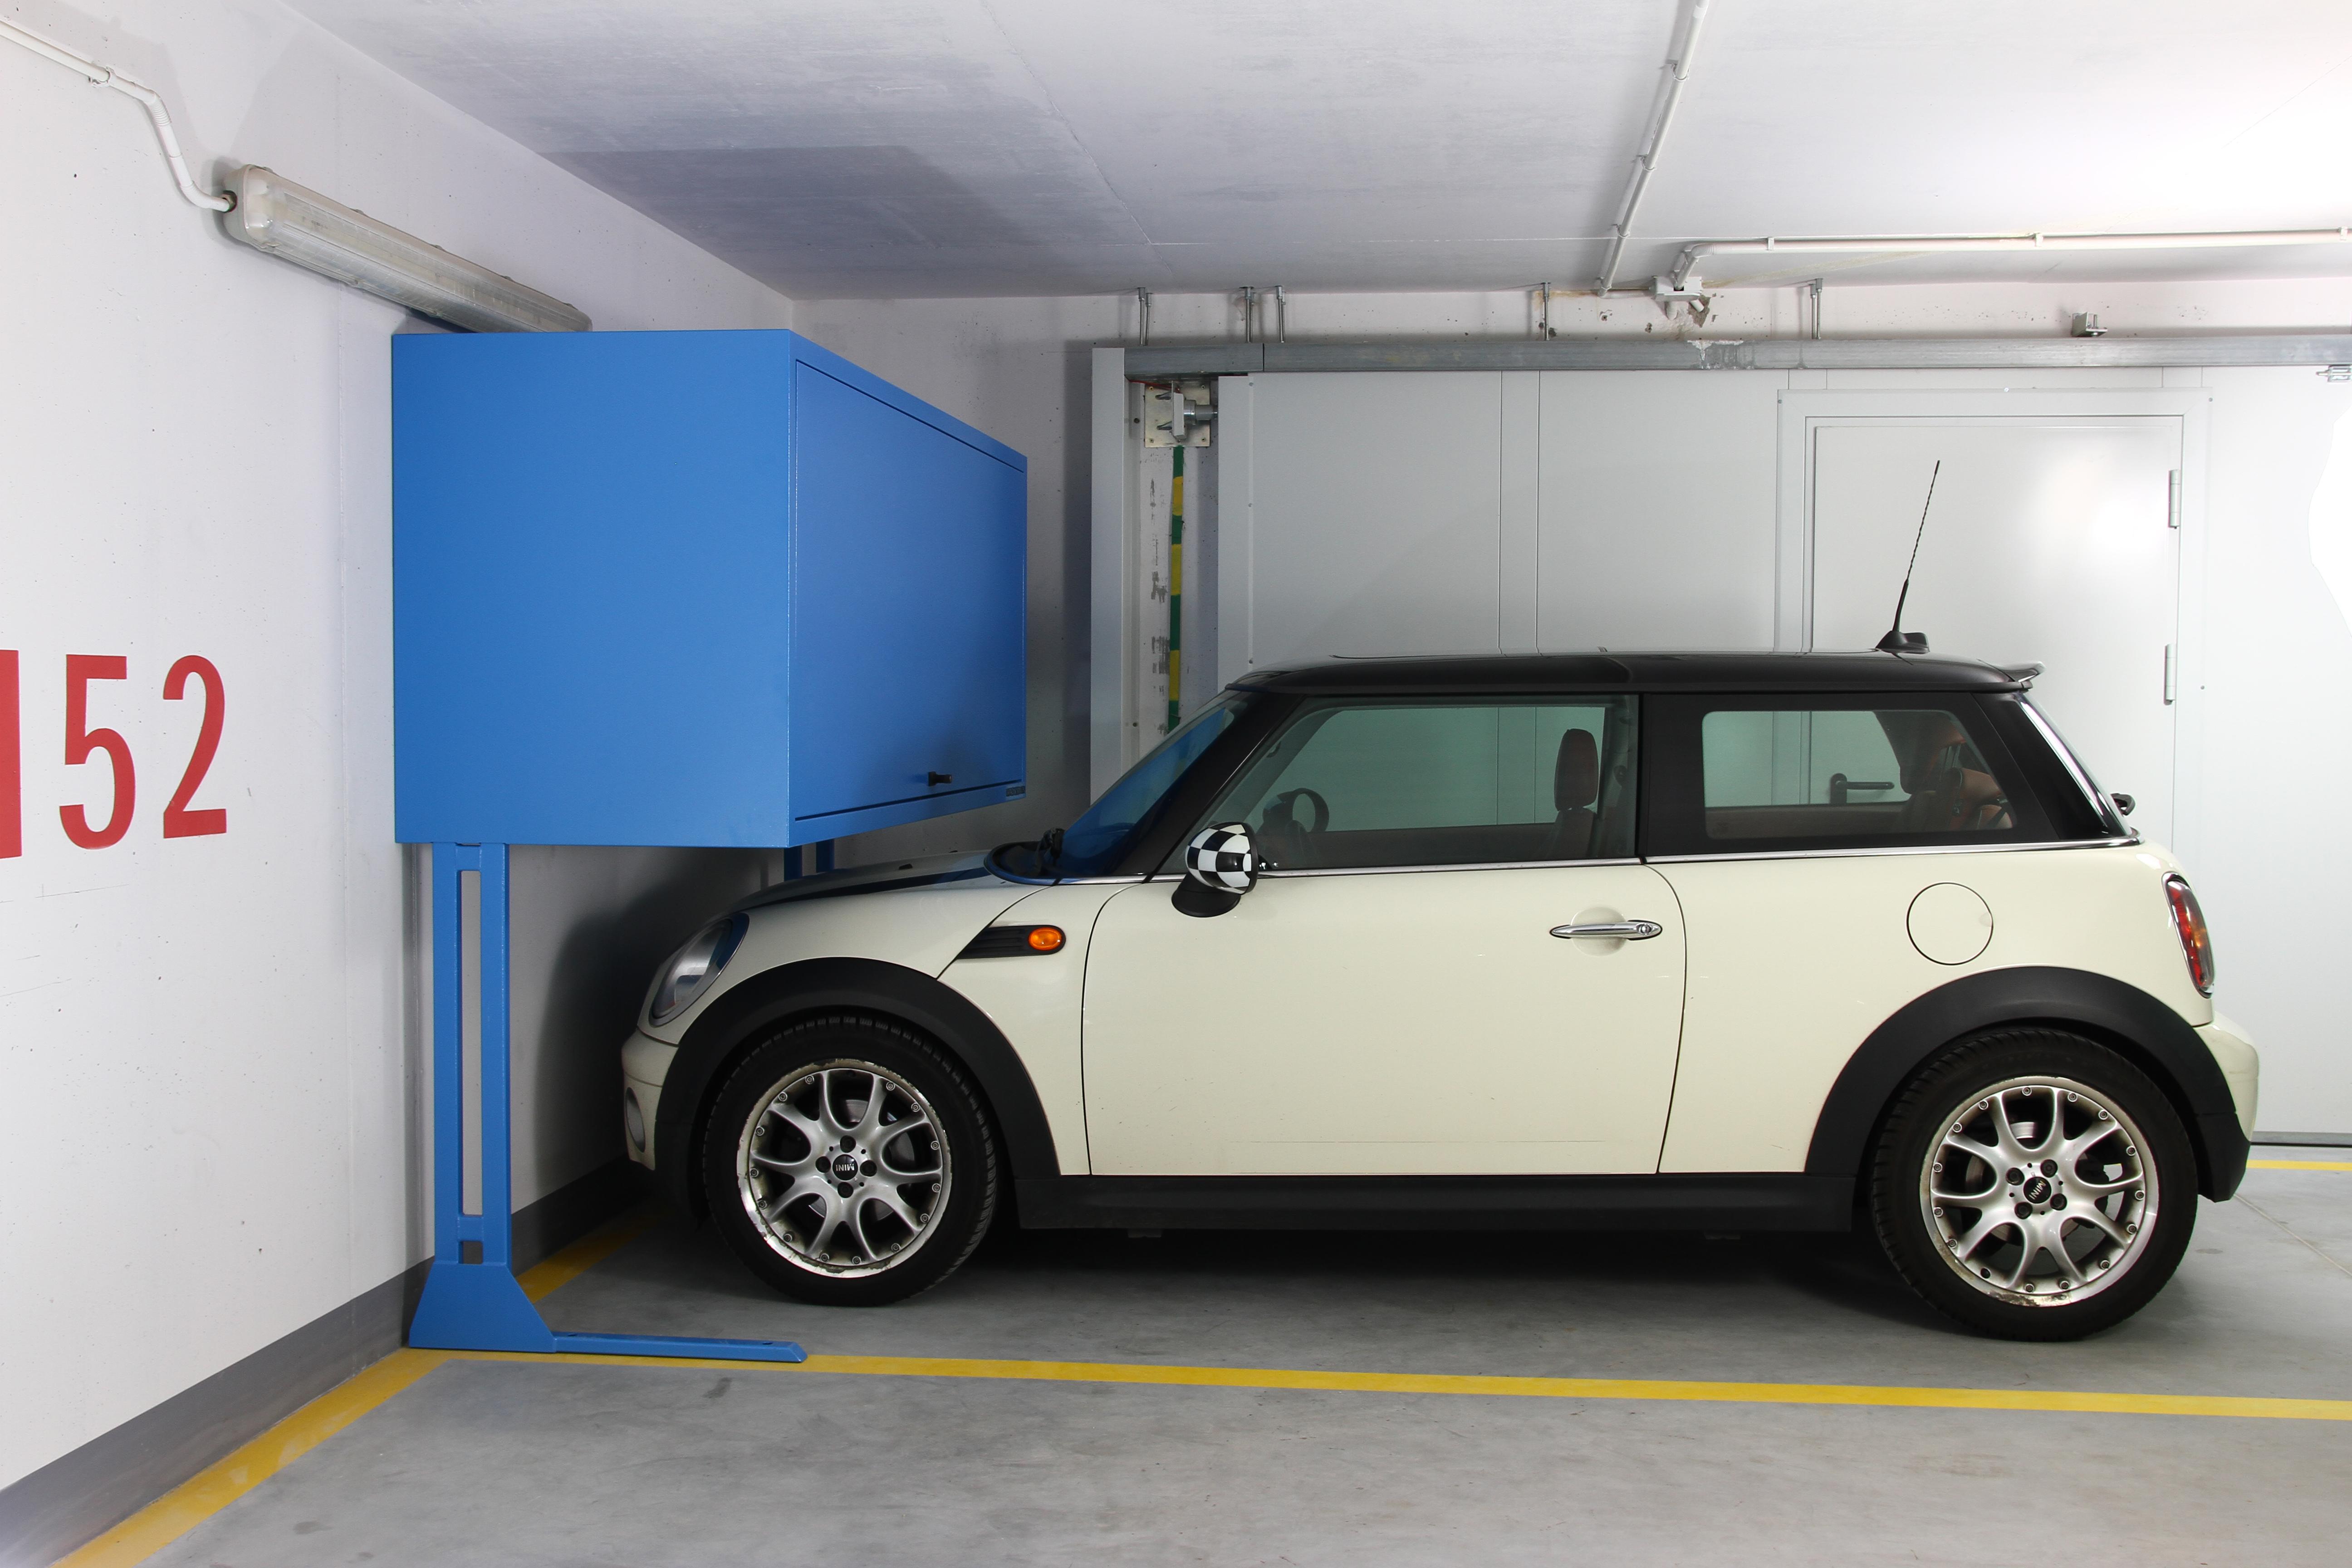 Garażowy Box - przechowalnia w garażu podziemnym - IMG_1099.JPG